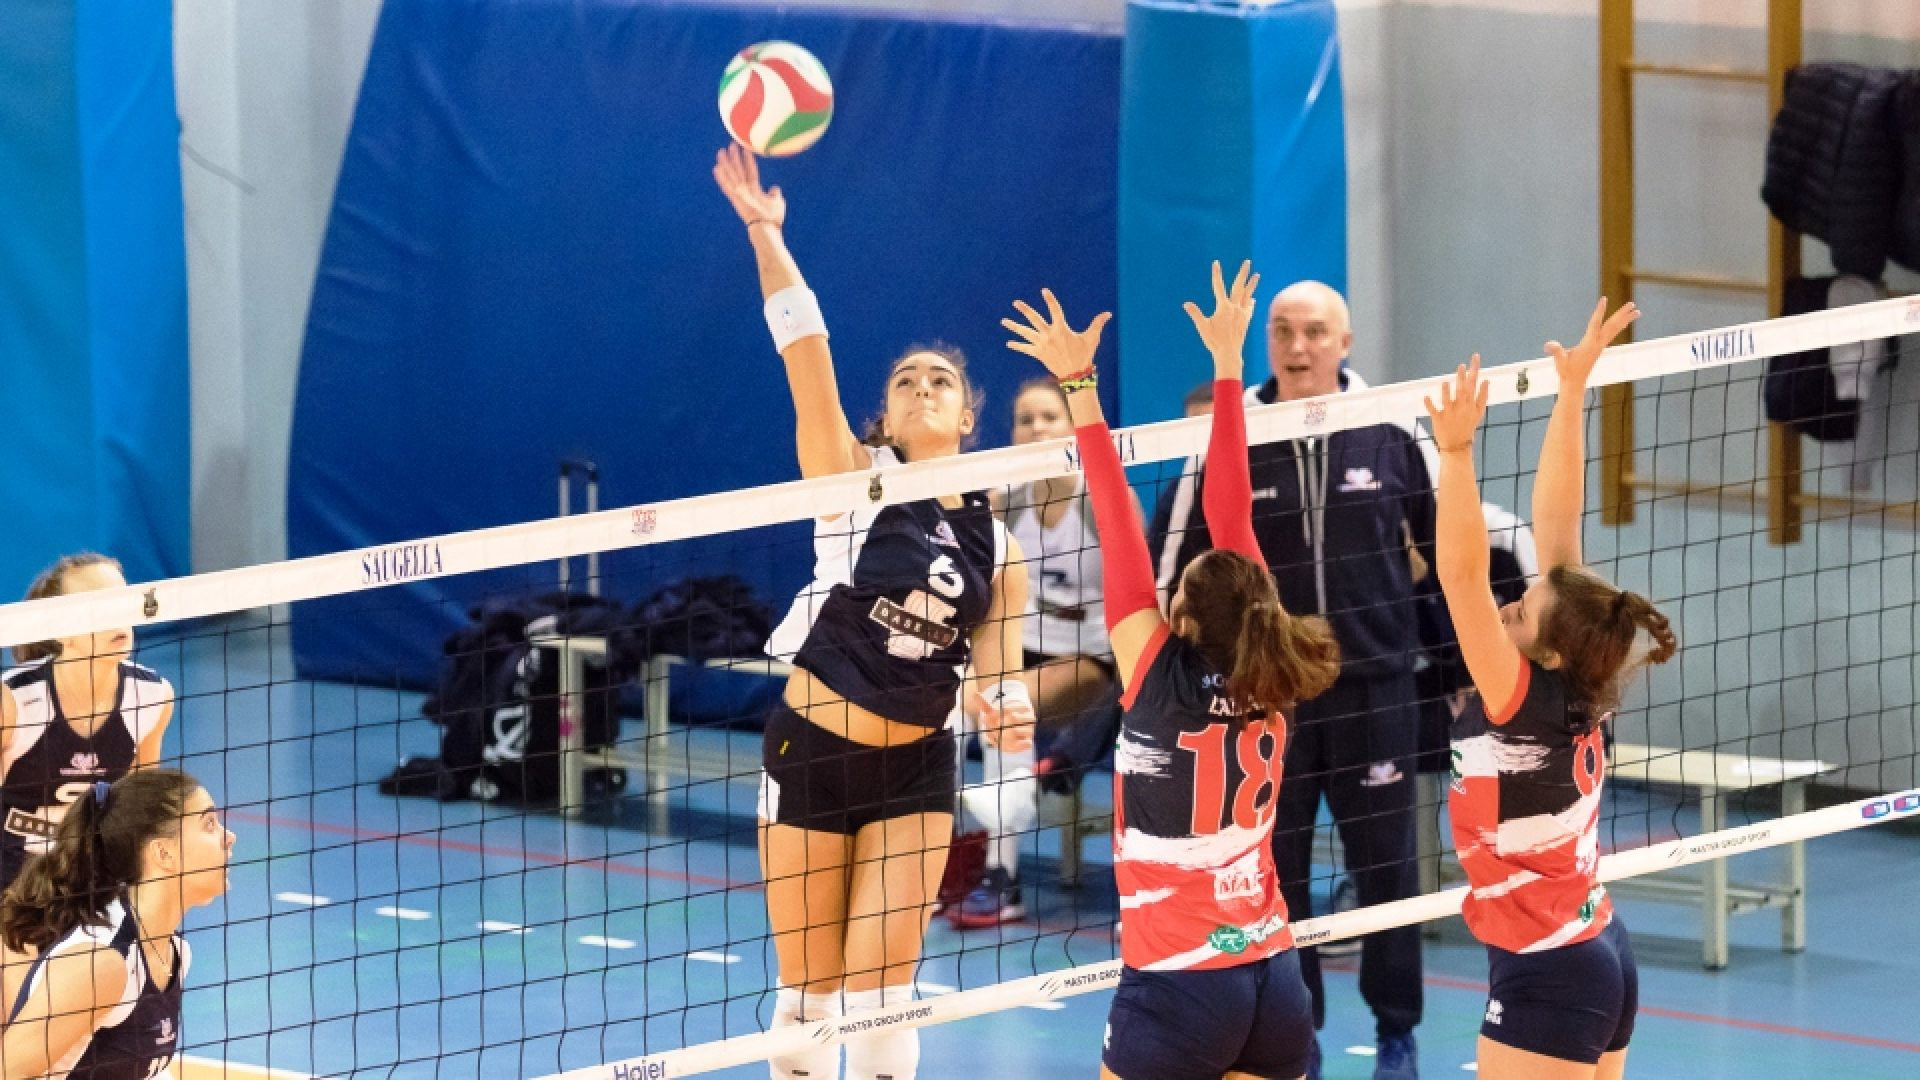 Vero Volley Base ALD